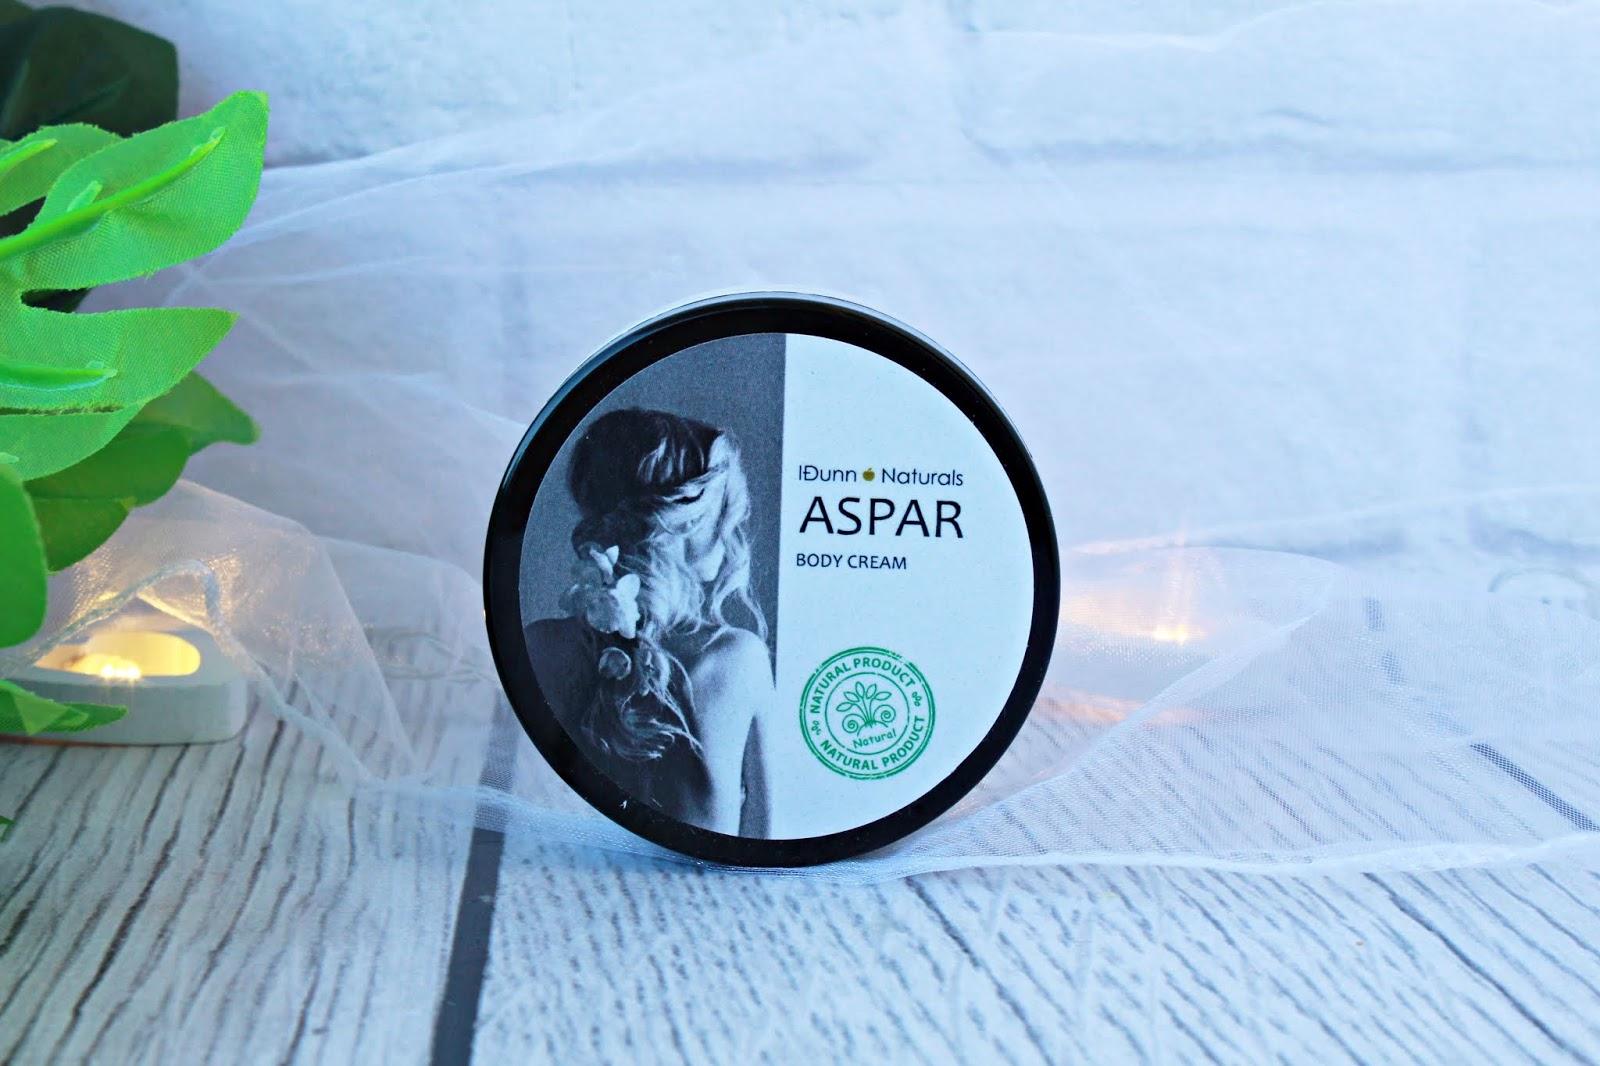 Masło do ciała Aspar z mlekiem oślim - IDUNN COSMETICS